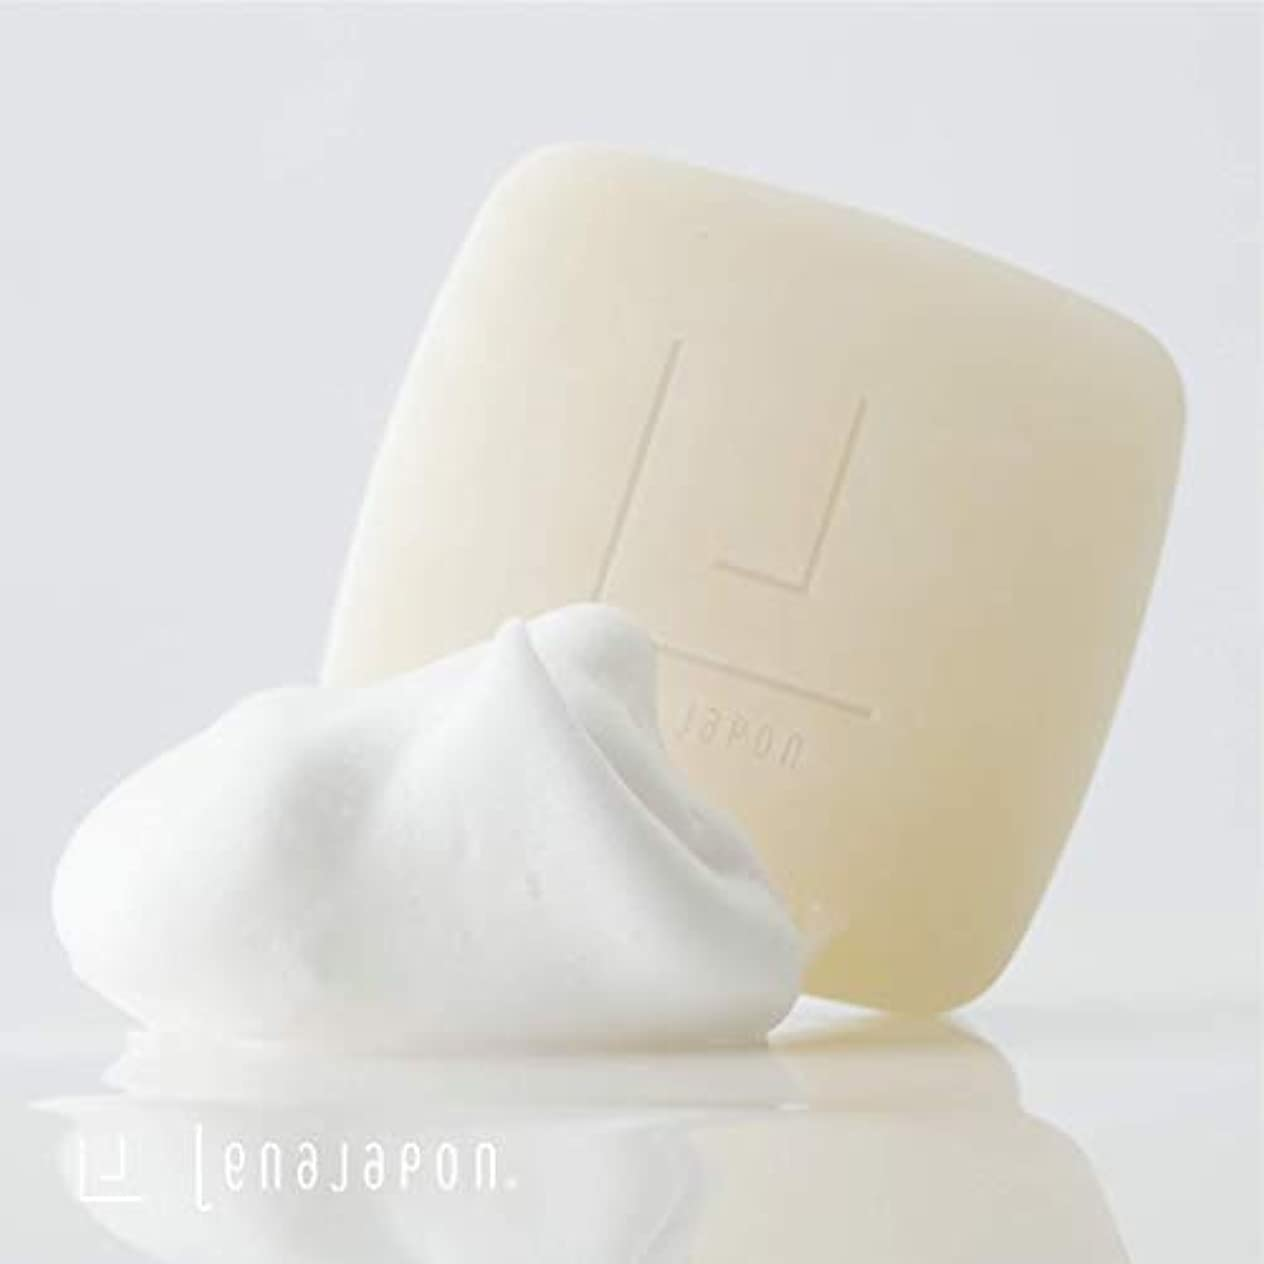 避けられない先例特徴づけるレナジャポン〈洗顔石鹸〉LJ モイストバー / LENAJAPON 〈rich foaming face soap〉 LJ MOIST BAR